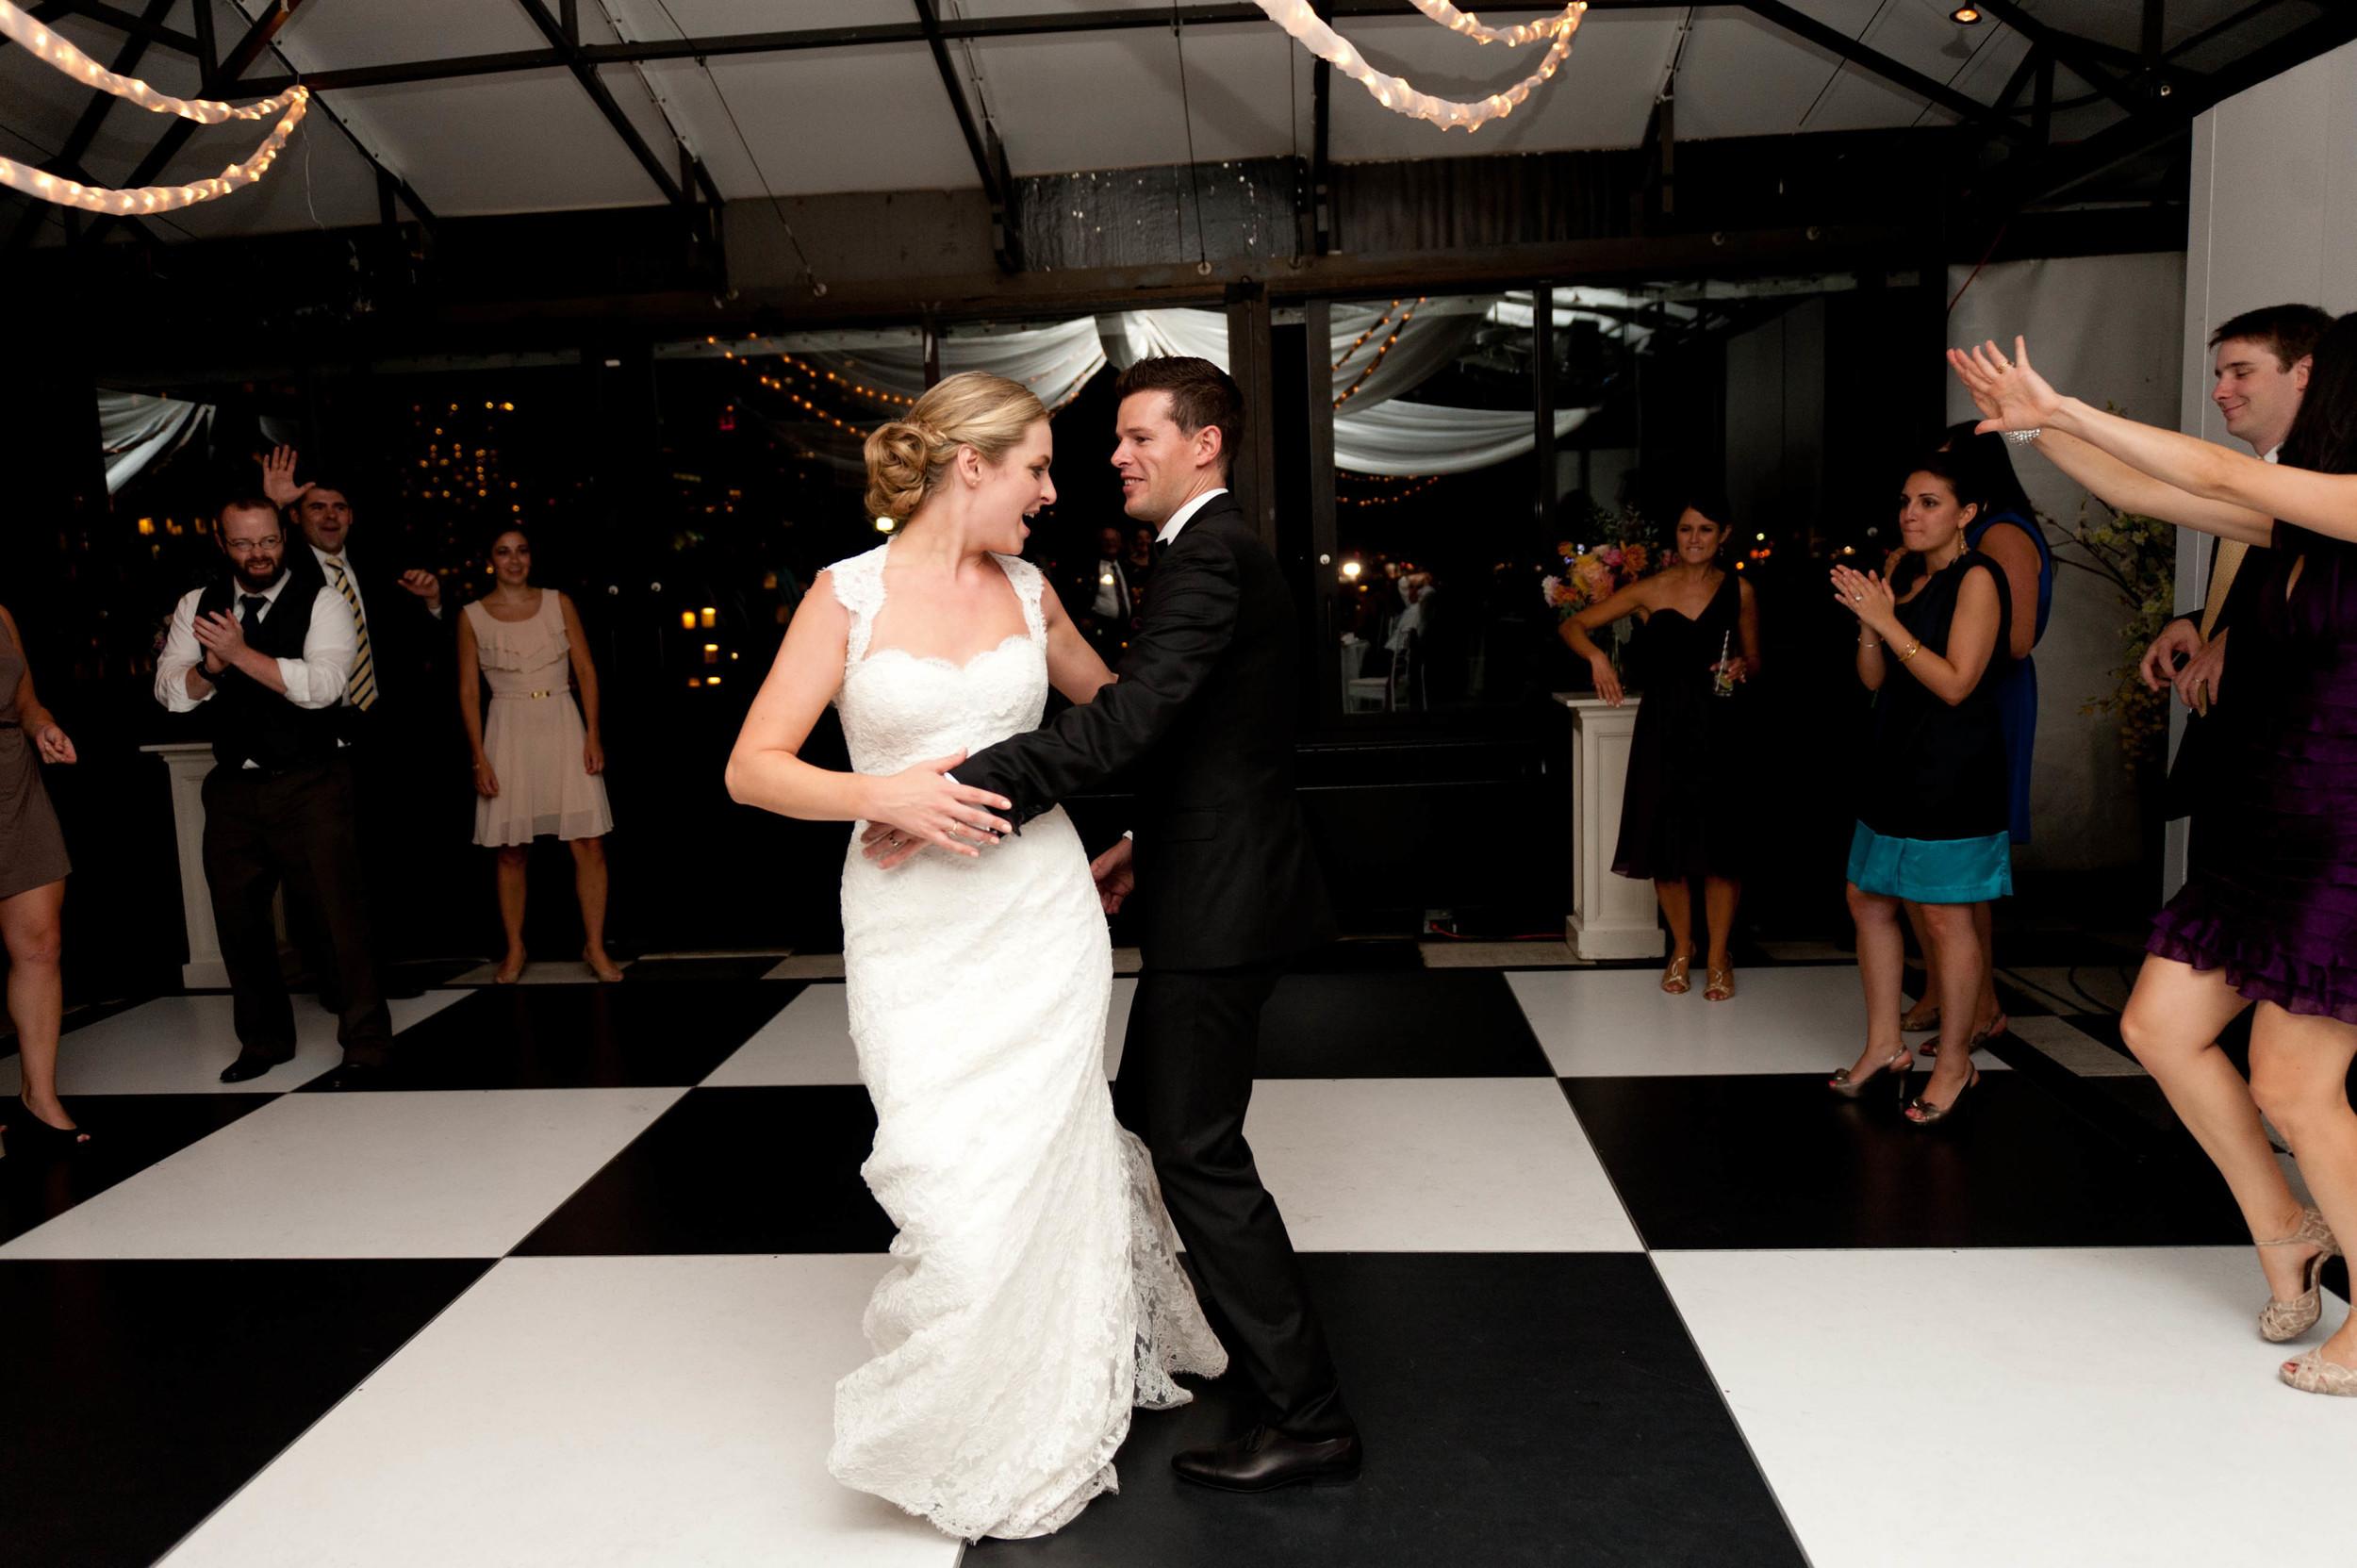 Taj_Wedding_Boston-37.jpg